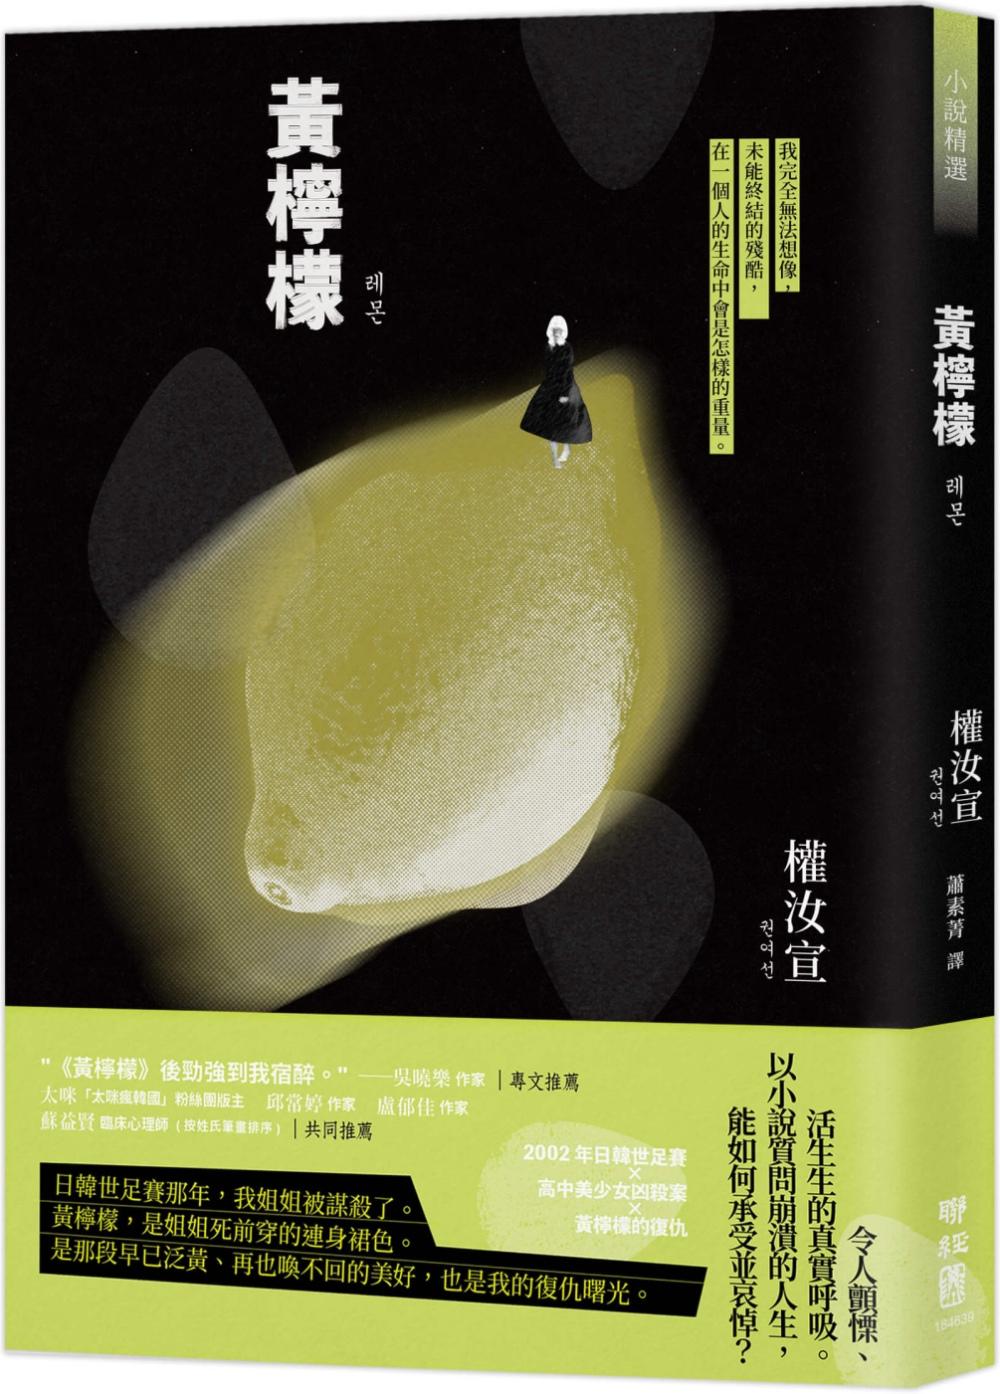 黃檸檬(獨家限量簽名版)